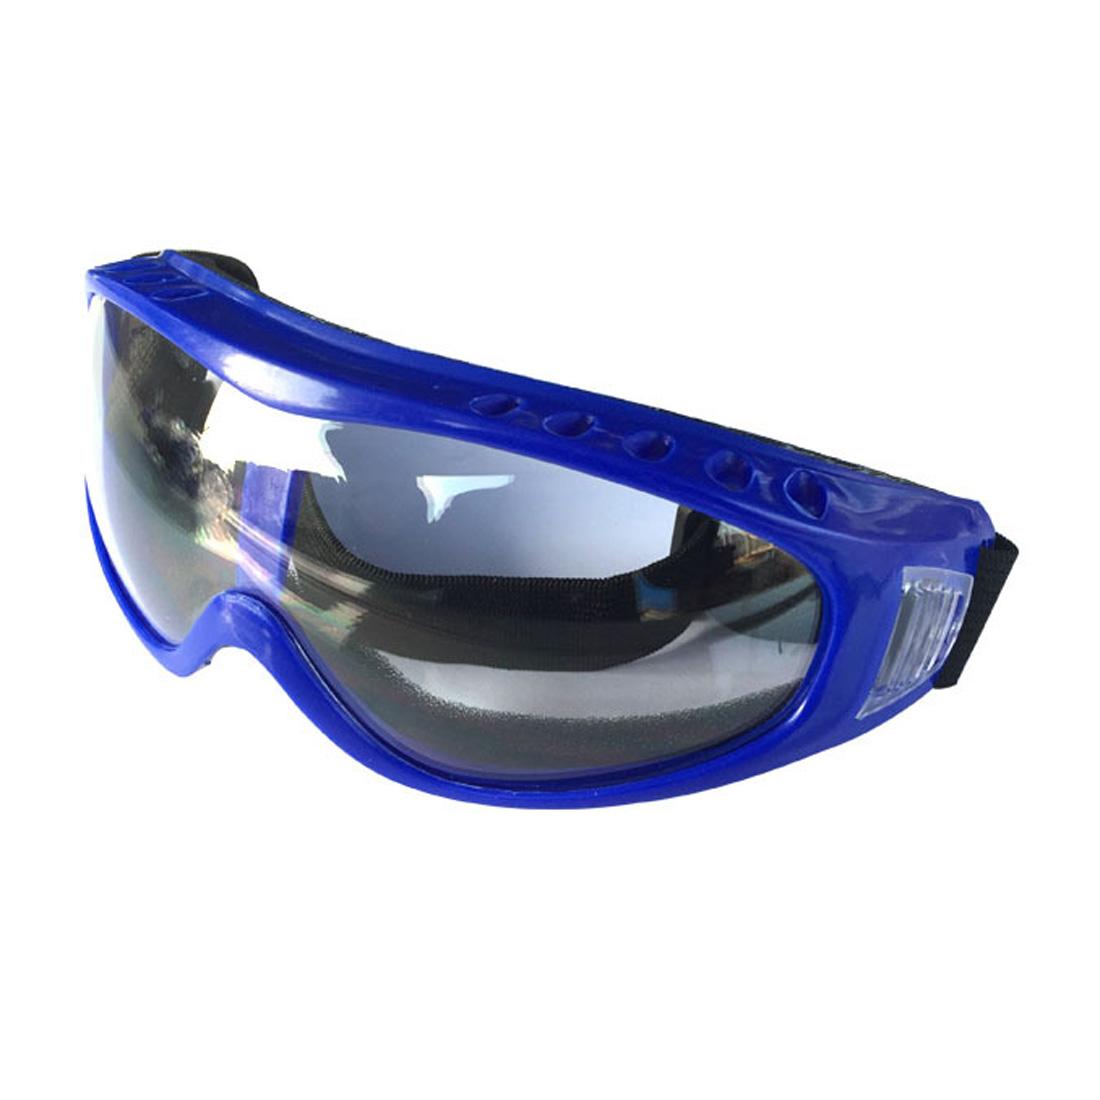 BangLong синий белый UV защита на открытом воздухе Виды спорта лыжа Сноуборд Кататься на коньках очки